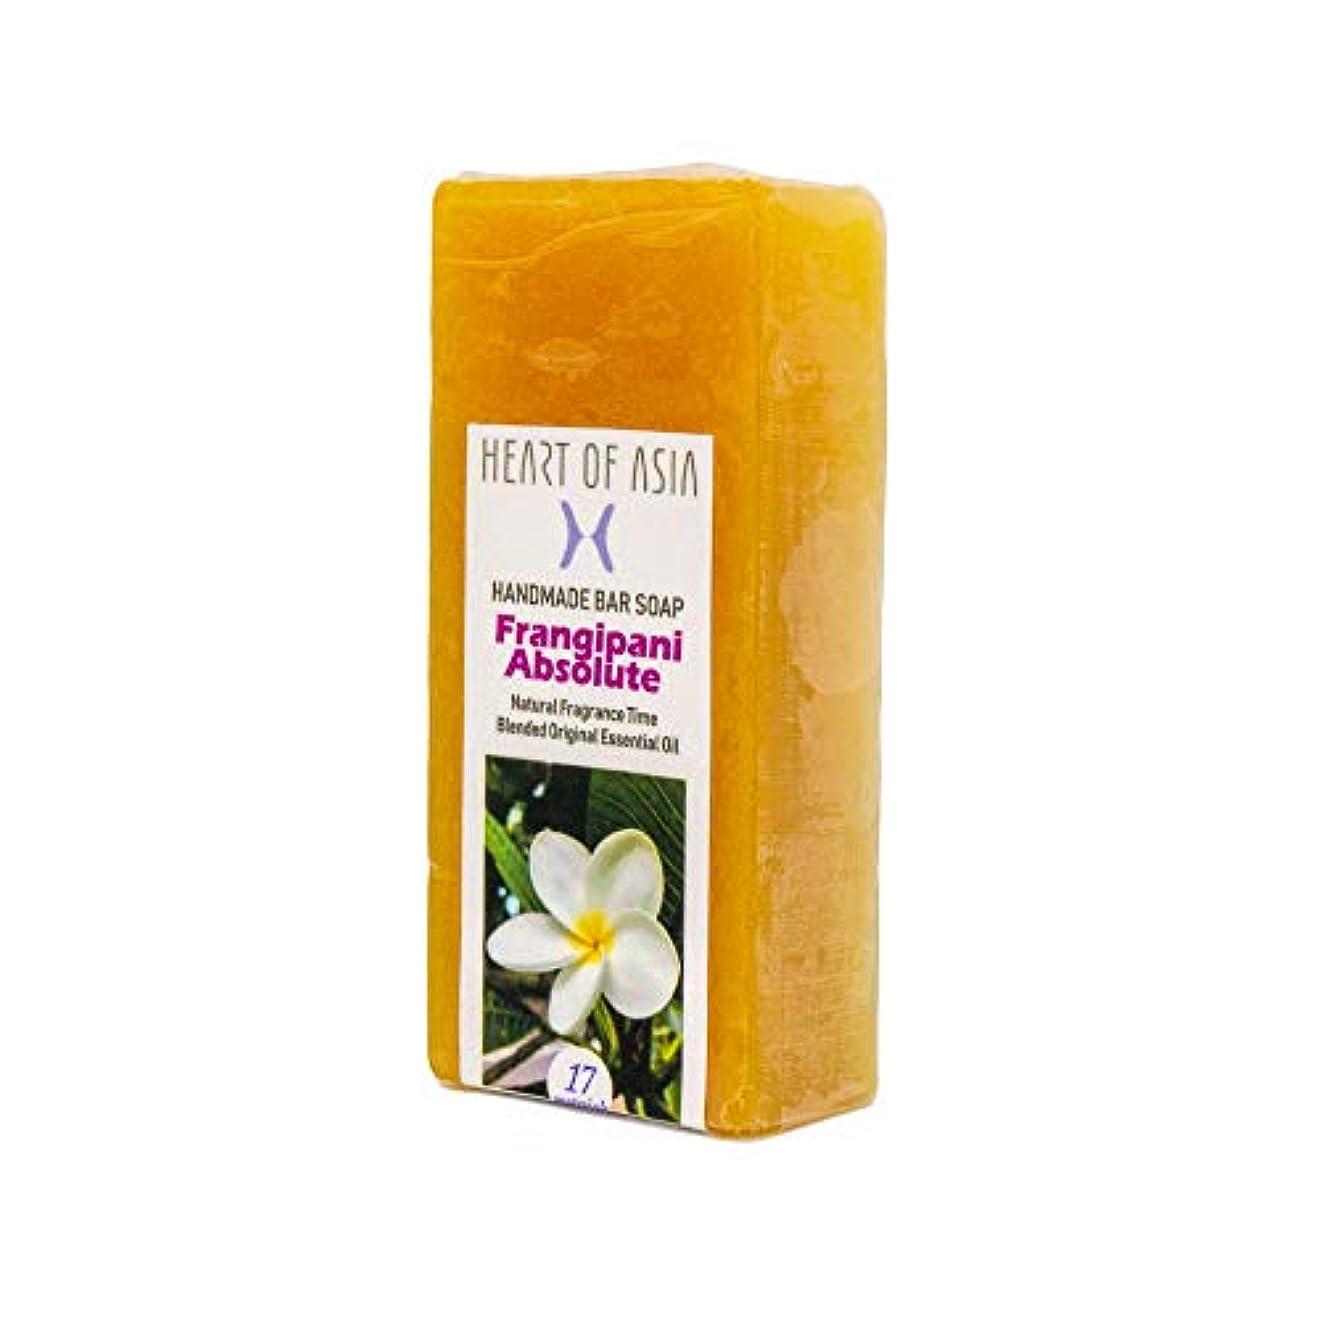 ウガンダ制限する所属香水のようなフレグランス石けん HANDMADE BAR SOAP ~Frangipani Absolute~ (単品)